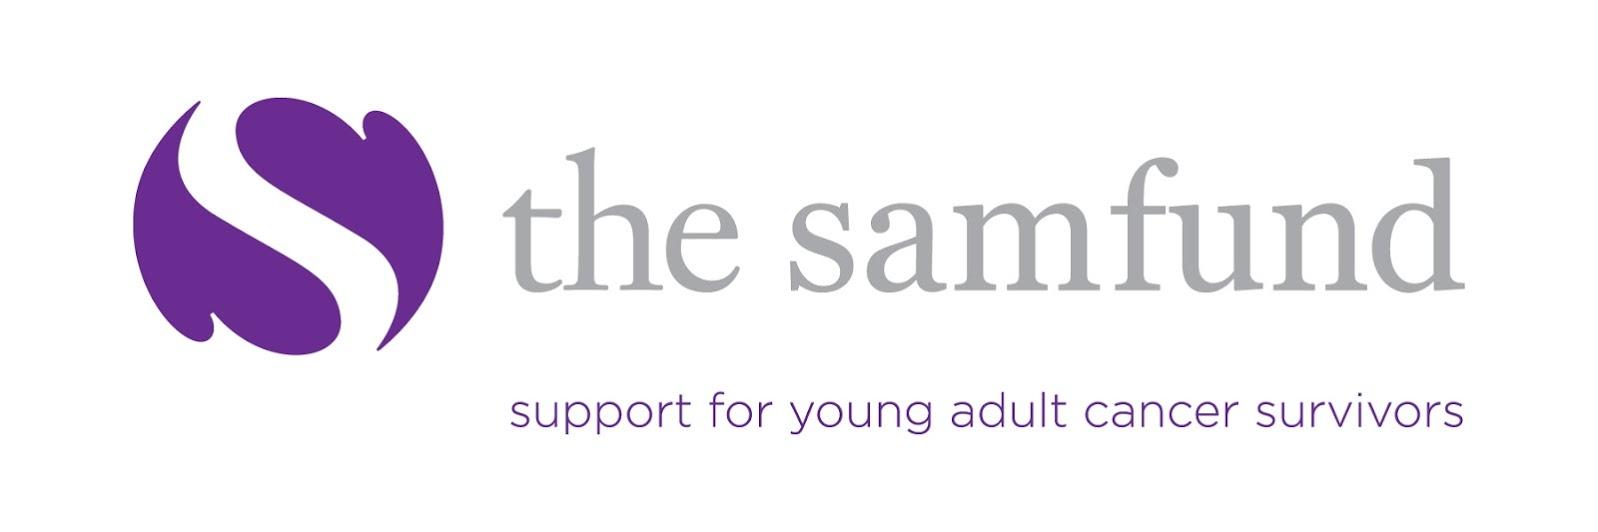 Thesamfund_logo_horiz_10_15_15